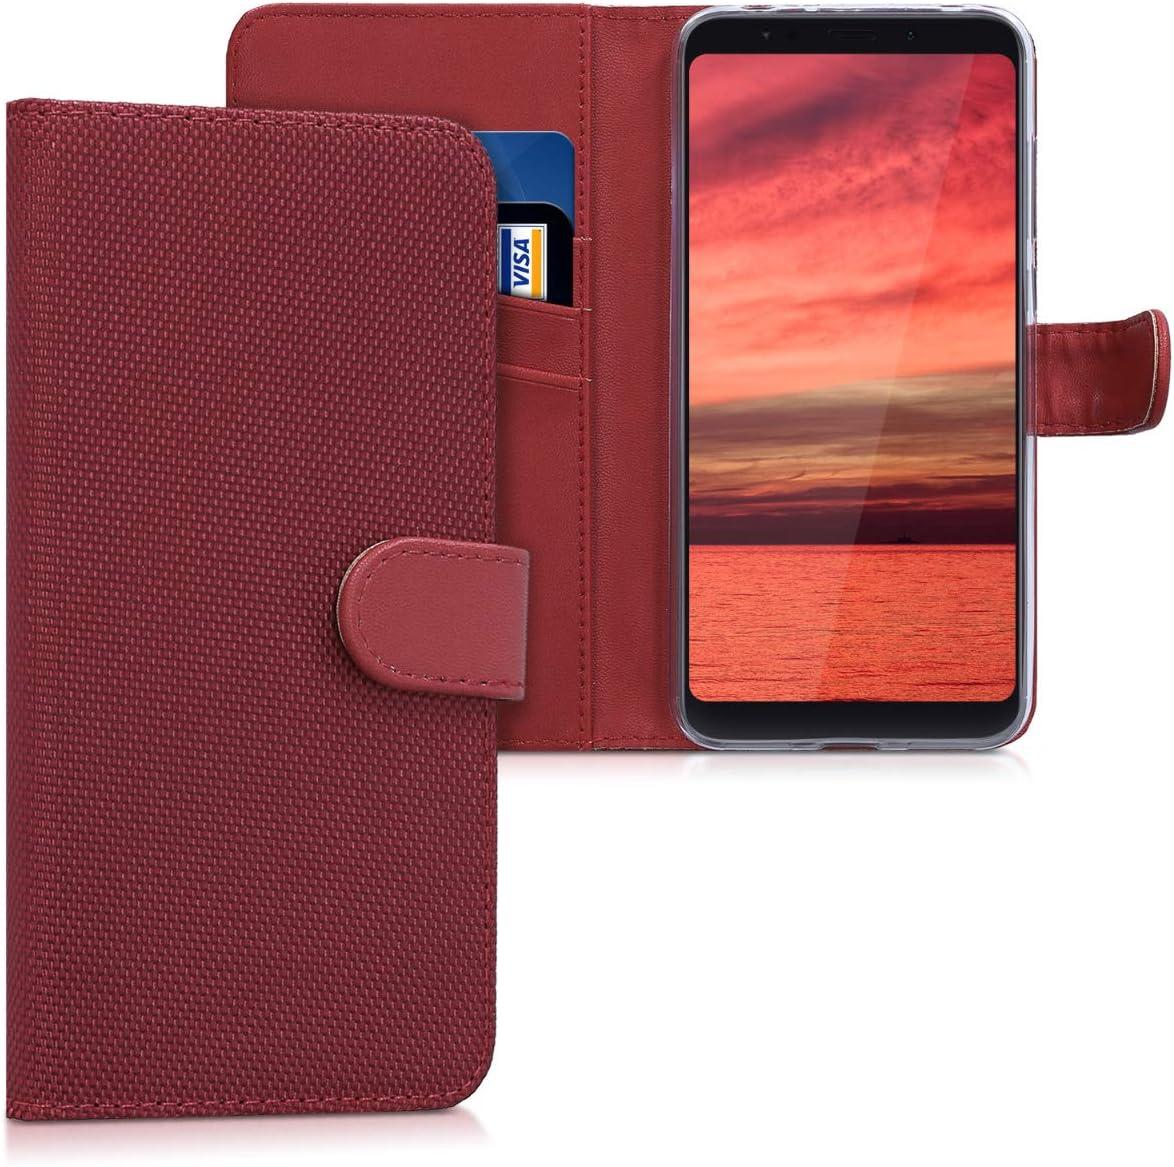 kwmobile Funda Compatible con Xiaomi Redmi 5 Plus/Redmi Note 5 (China) - Carcasa de Nailon con Soporte y Billetera en Rojo